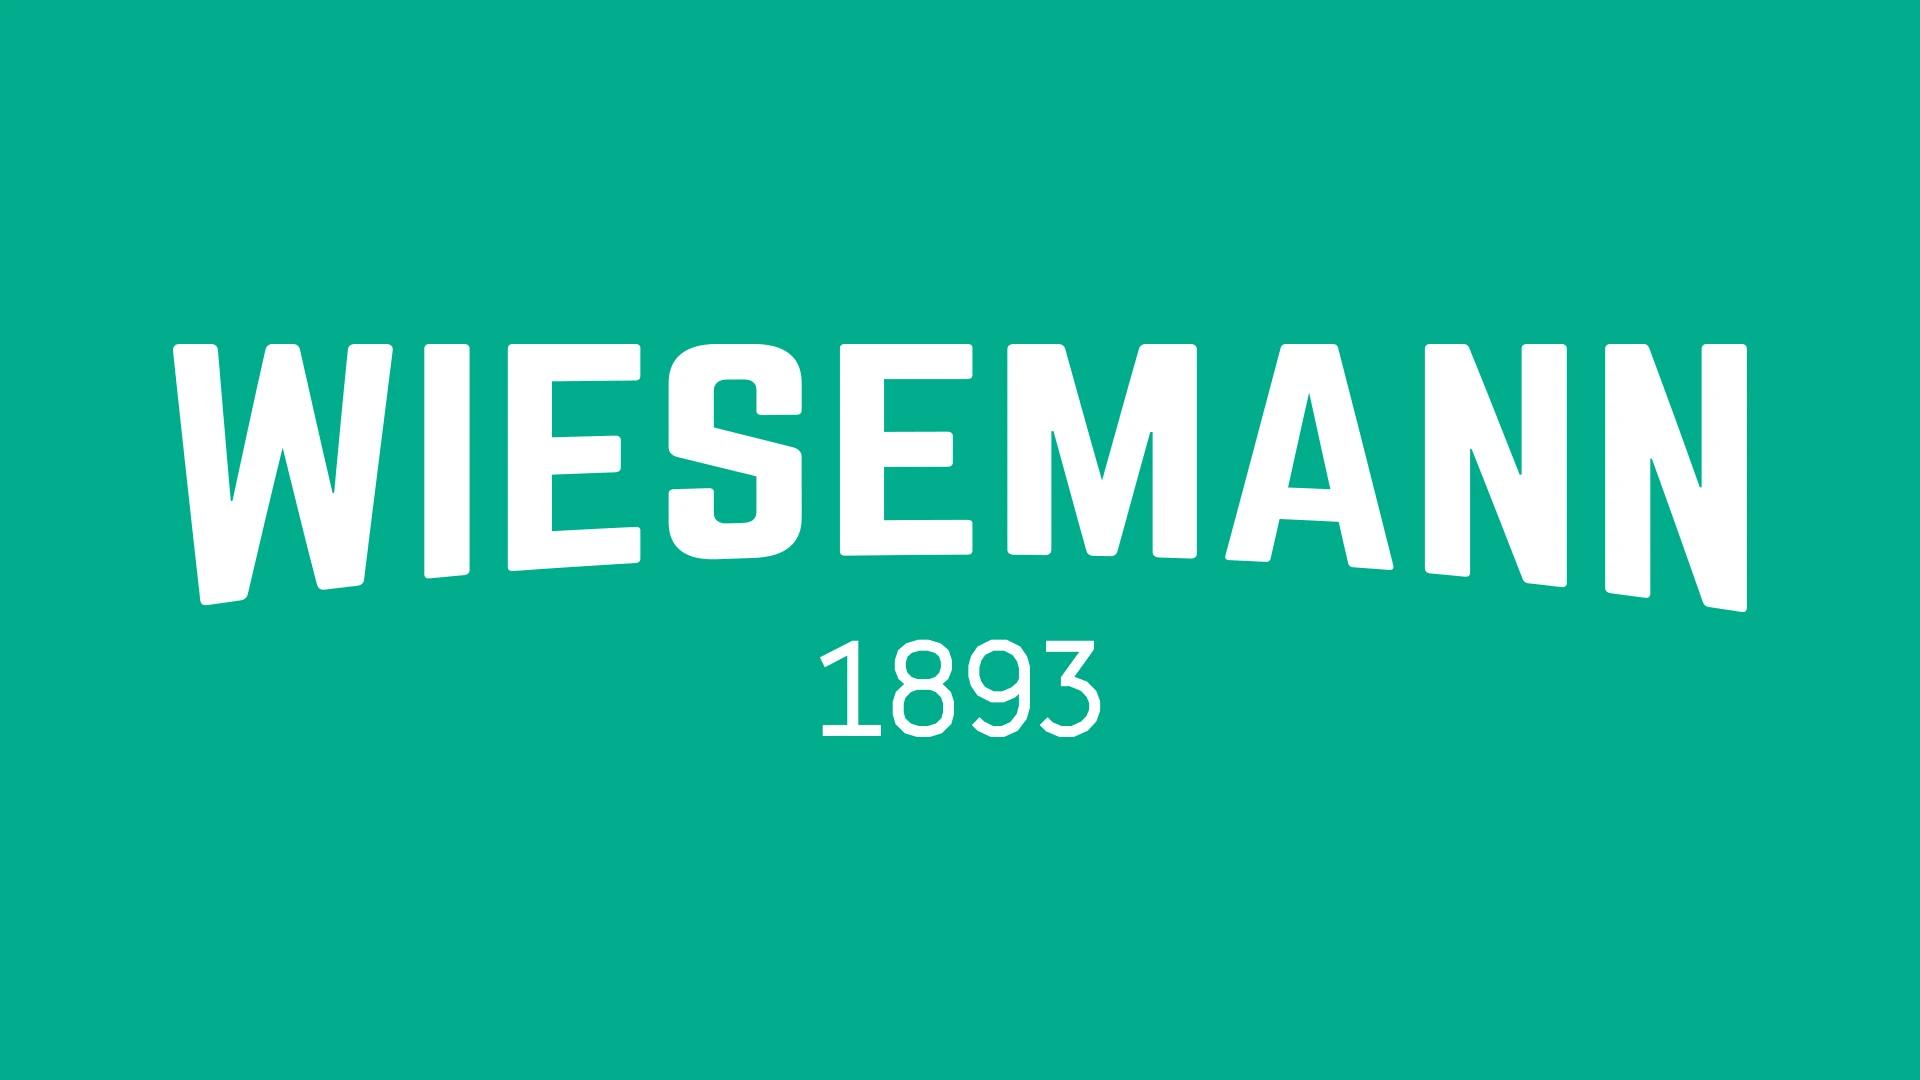 Wiesemann 1893